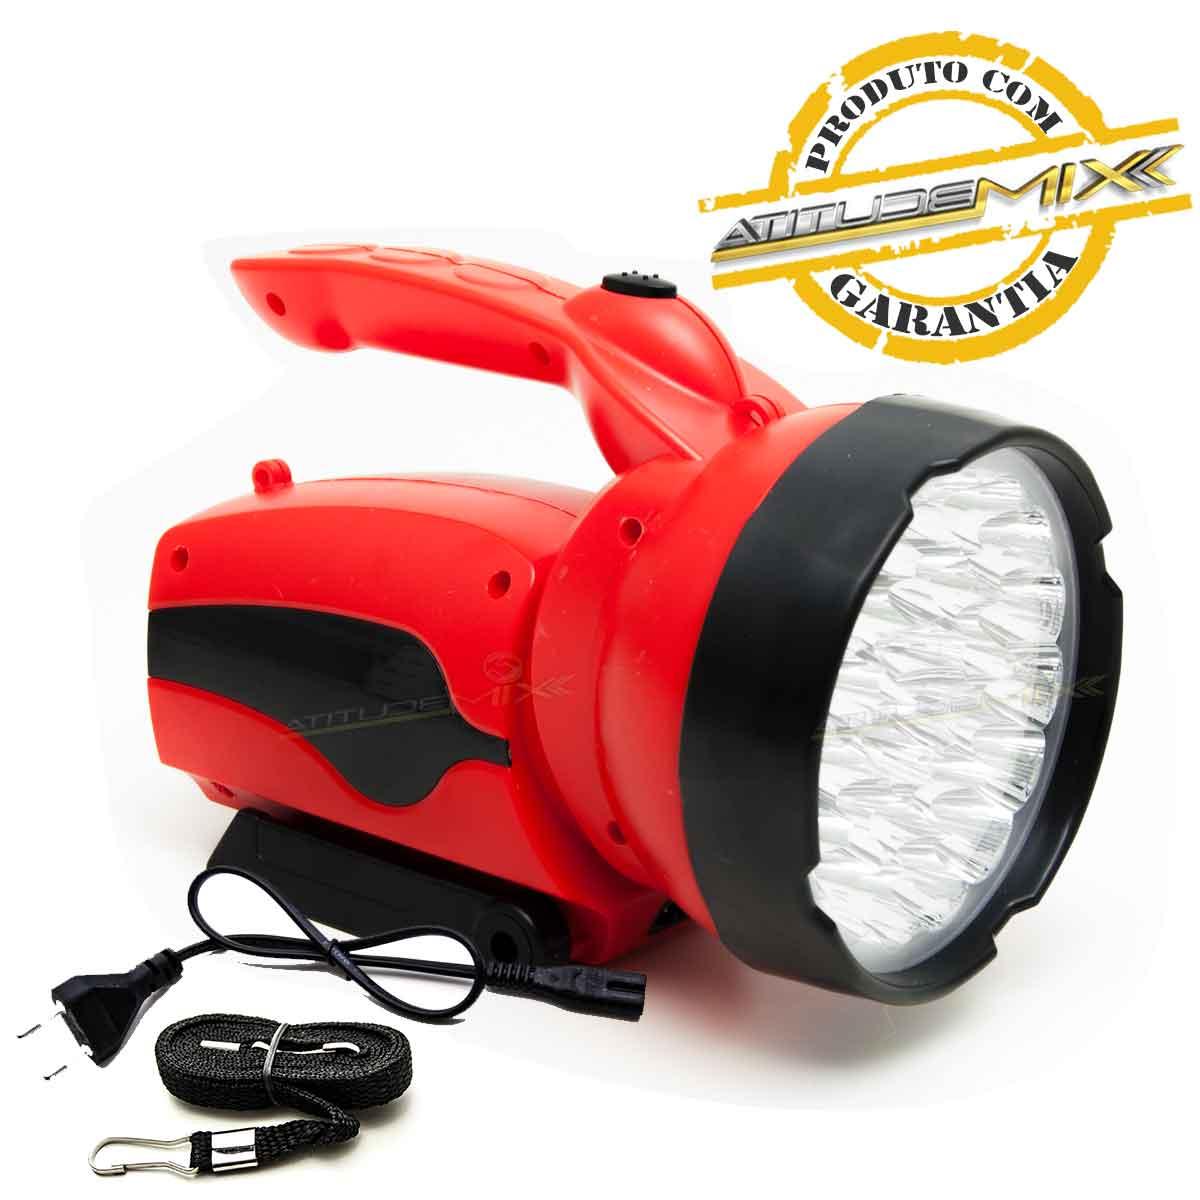 Lanterna Holofote Recarregável 30 Super Leds 16h Autonomia